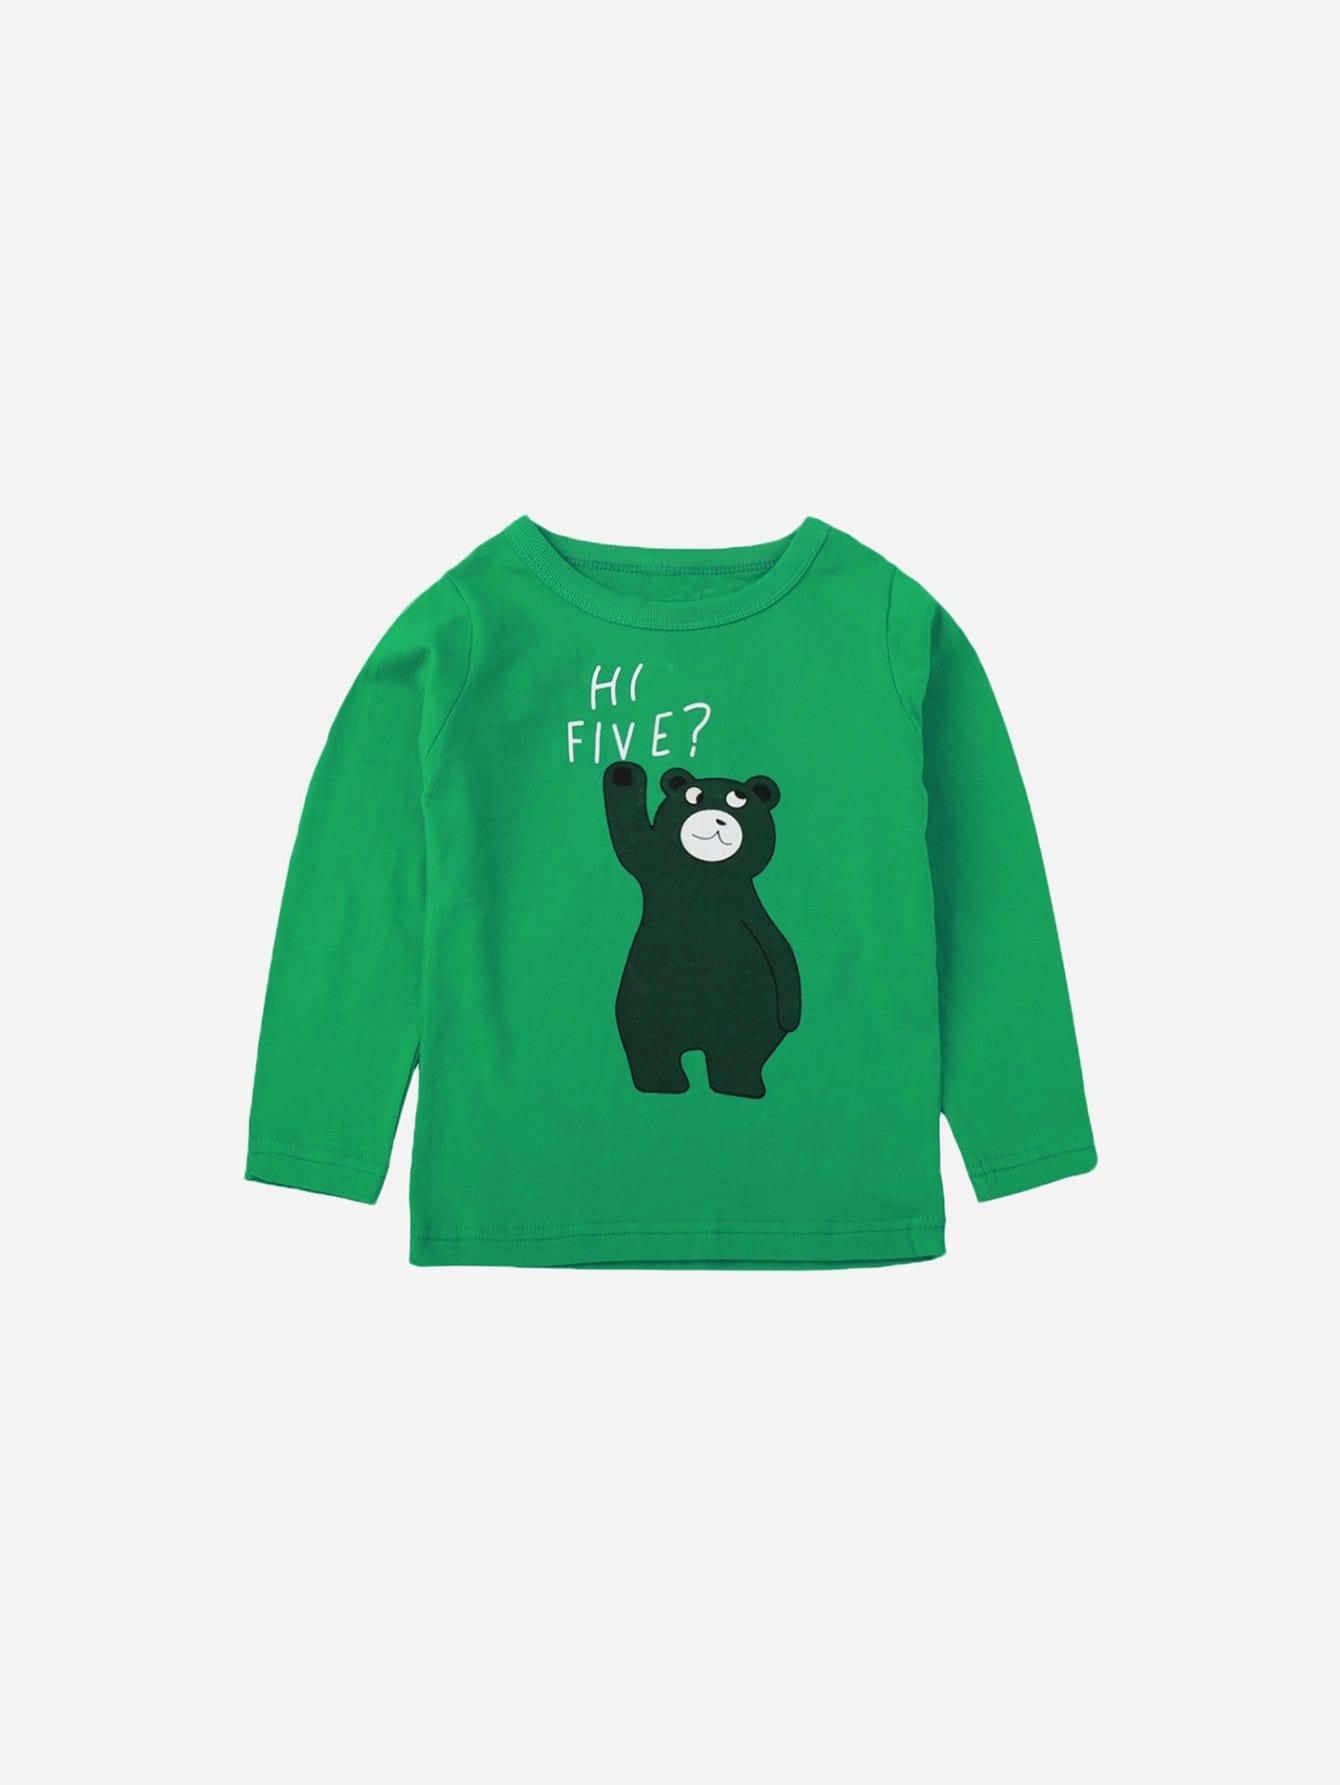 Купить Футболка с рисунками медведя и буквы для мужчины, null, SheIn